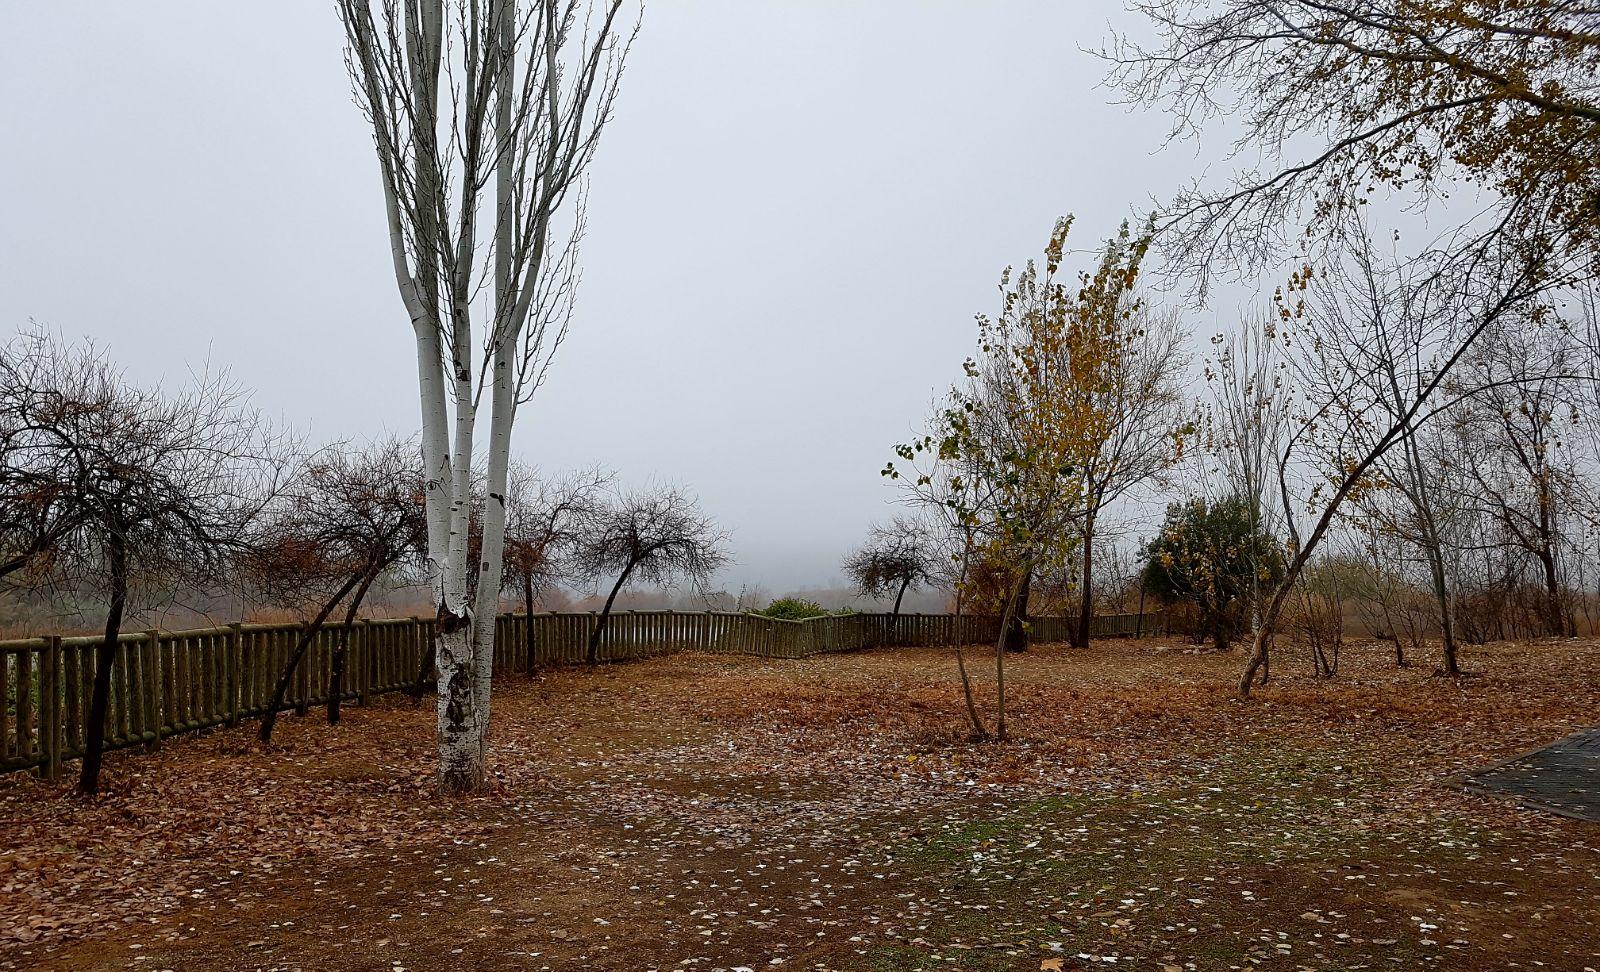 El Ayuntamiento de Velilla continúa trabajando para mejorar el espacio de la laguna El Raso